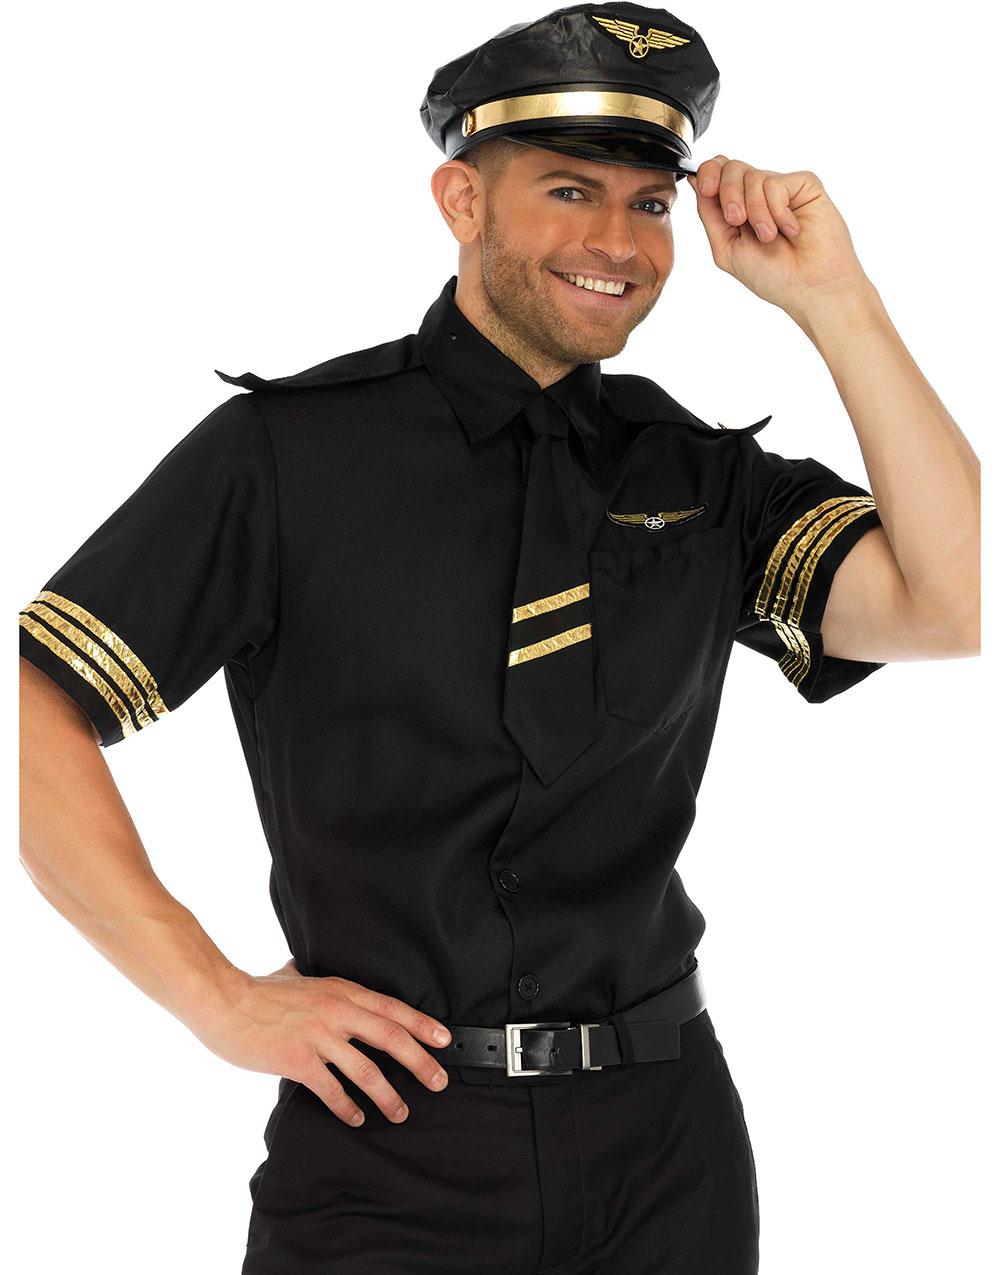 Pilotdräkt för utklädnad - Maskeradprylar.se 4bcd2af3478d7